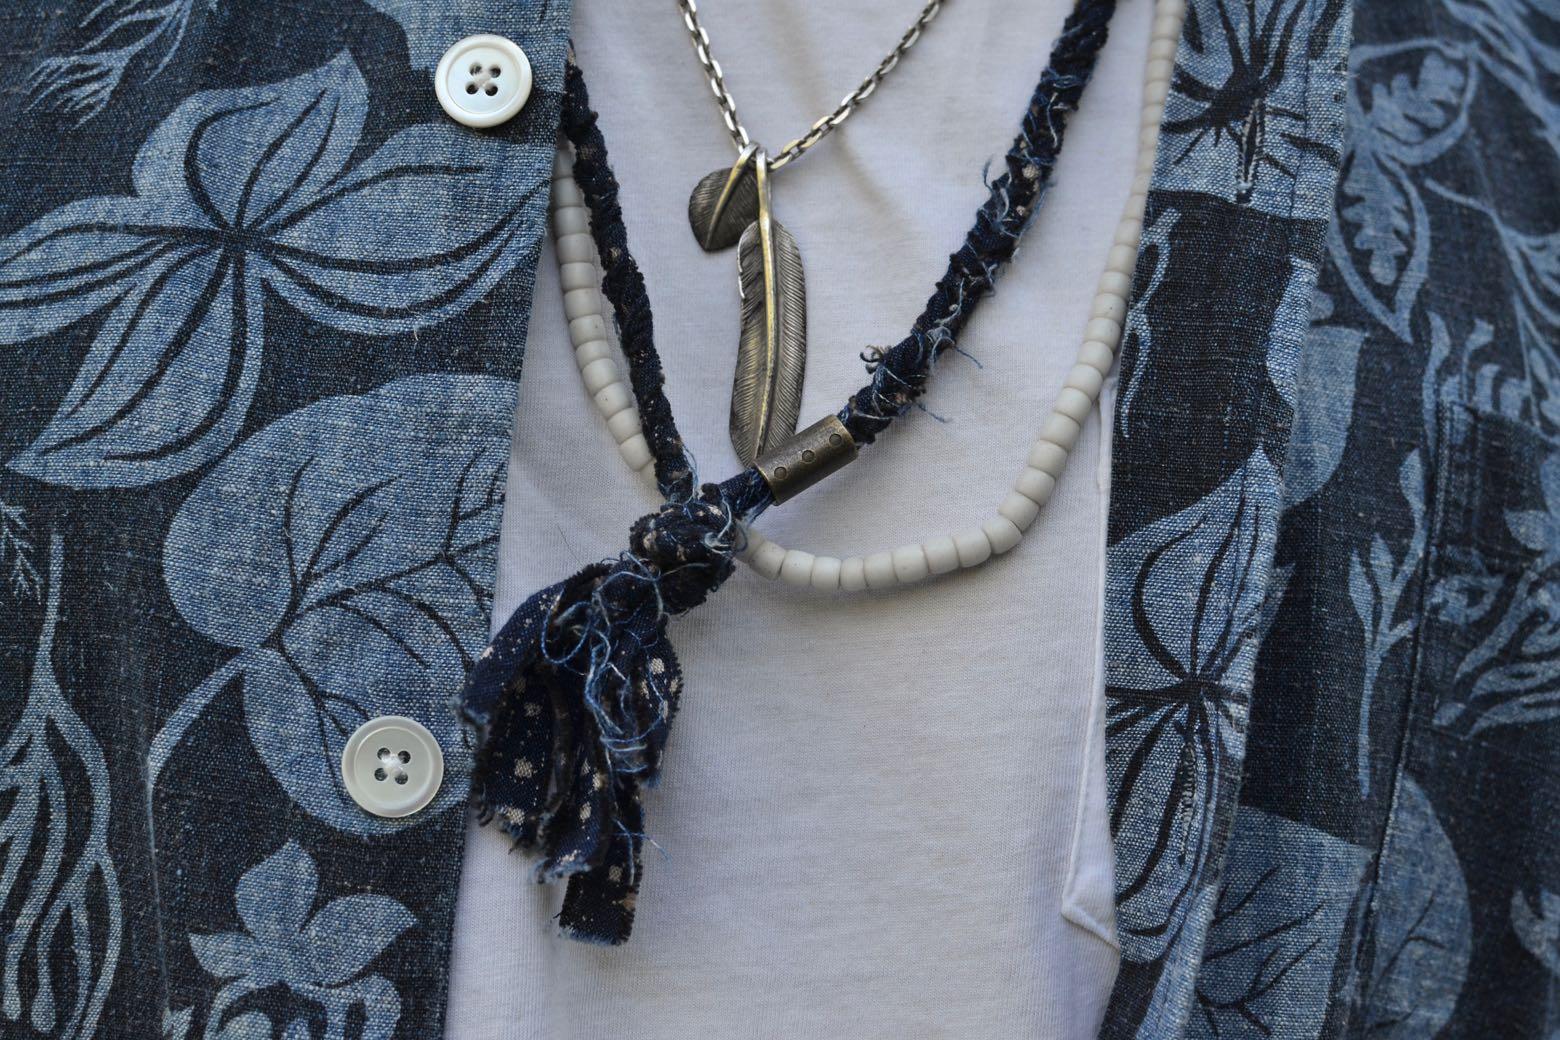 collier Borali et plume en argent First Arrow's avec 18east mfg et bracelet svilver rattle snake & whie turquoise bague en argent homme